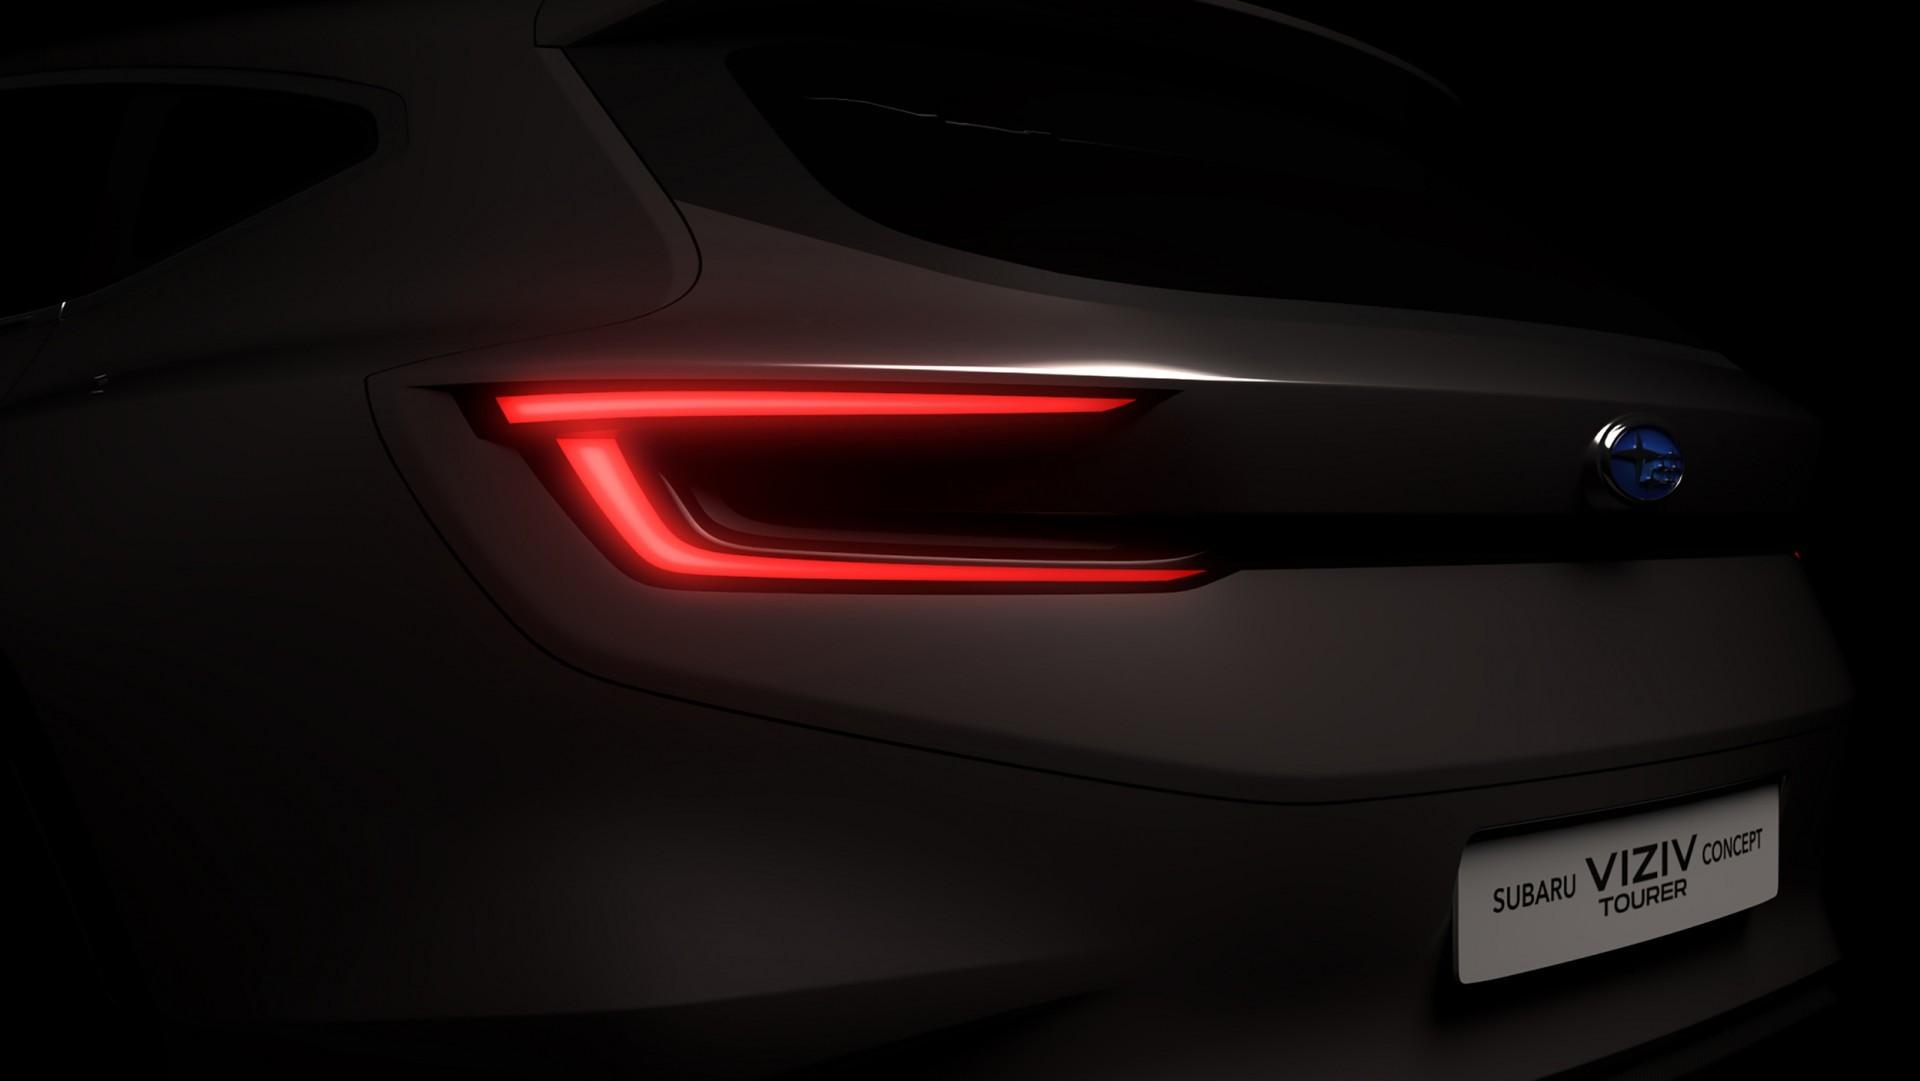 Subaru Viziv Tourer Concept (6)